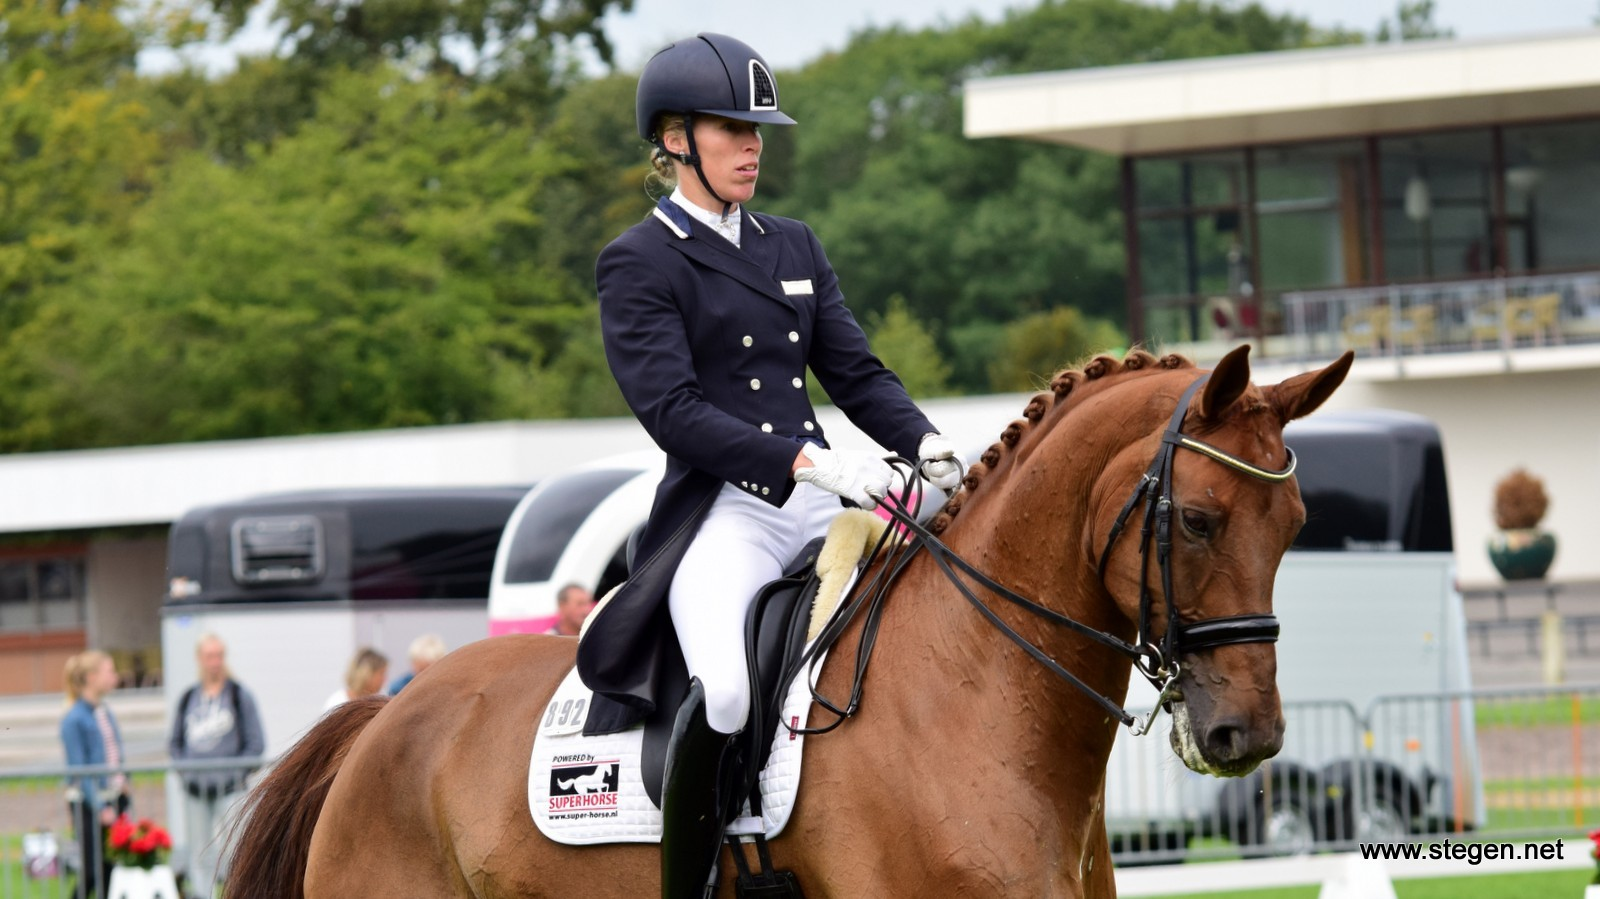 Linda Kouwenhoven breekt ribben bij ongeluk met jong paard